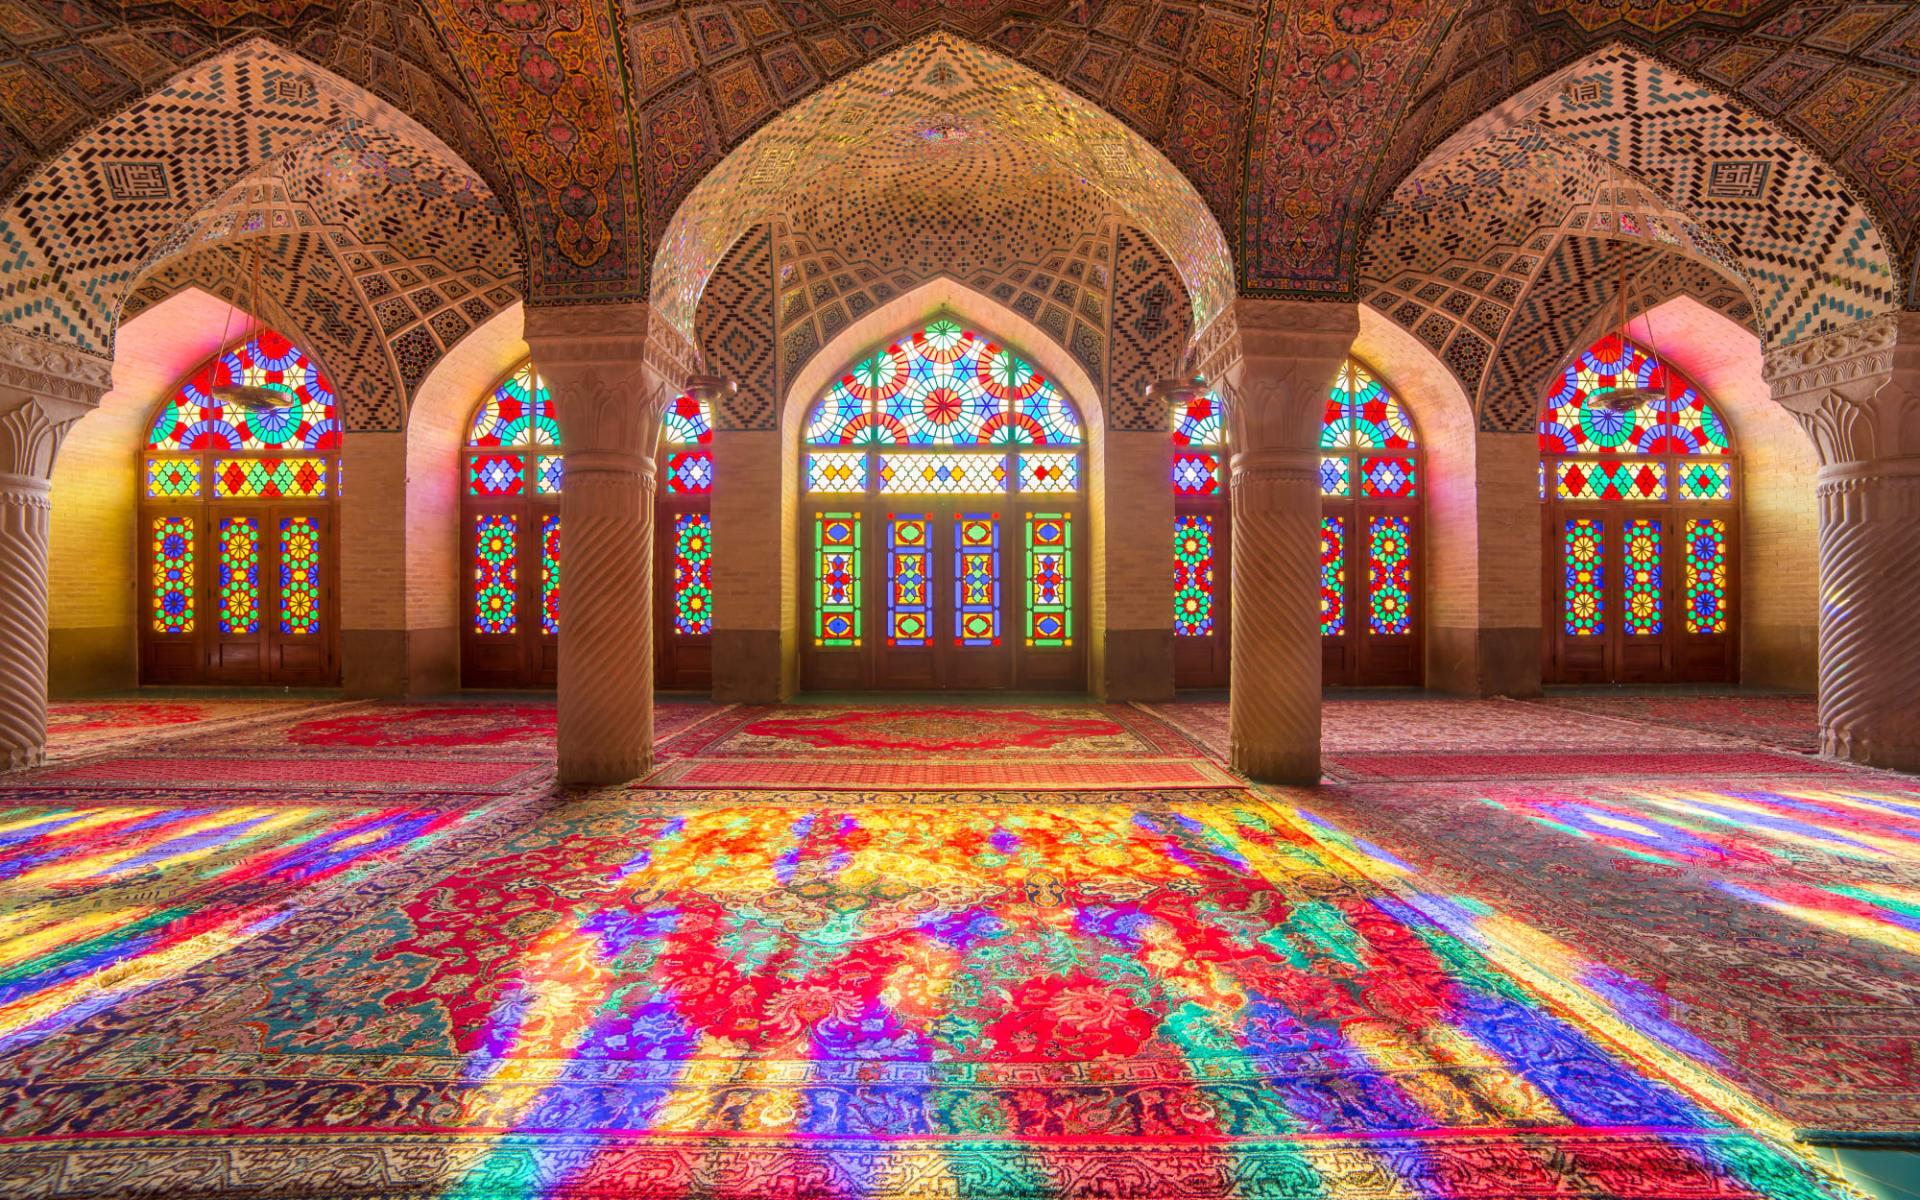 Persischer Golf - 3000 Jahre Handels- und Konfliktgeschichte ab Shiraz: Nasir Al-Mulk Mosque in Shiraz, Iran, also known as Pink Mosque